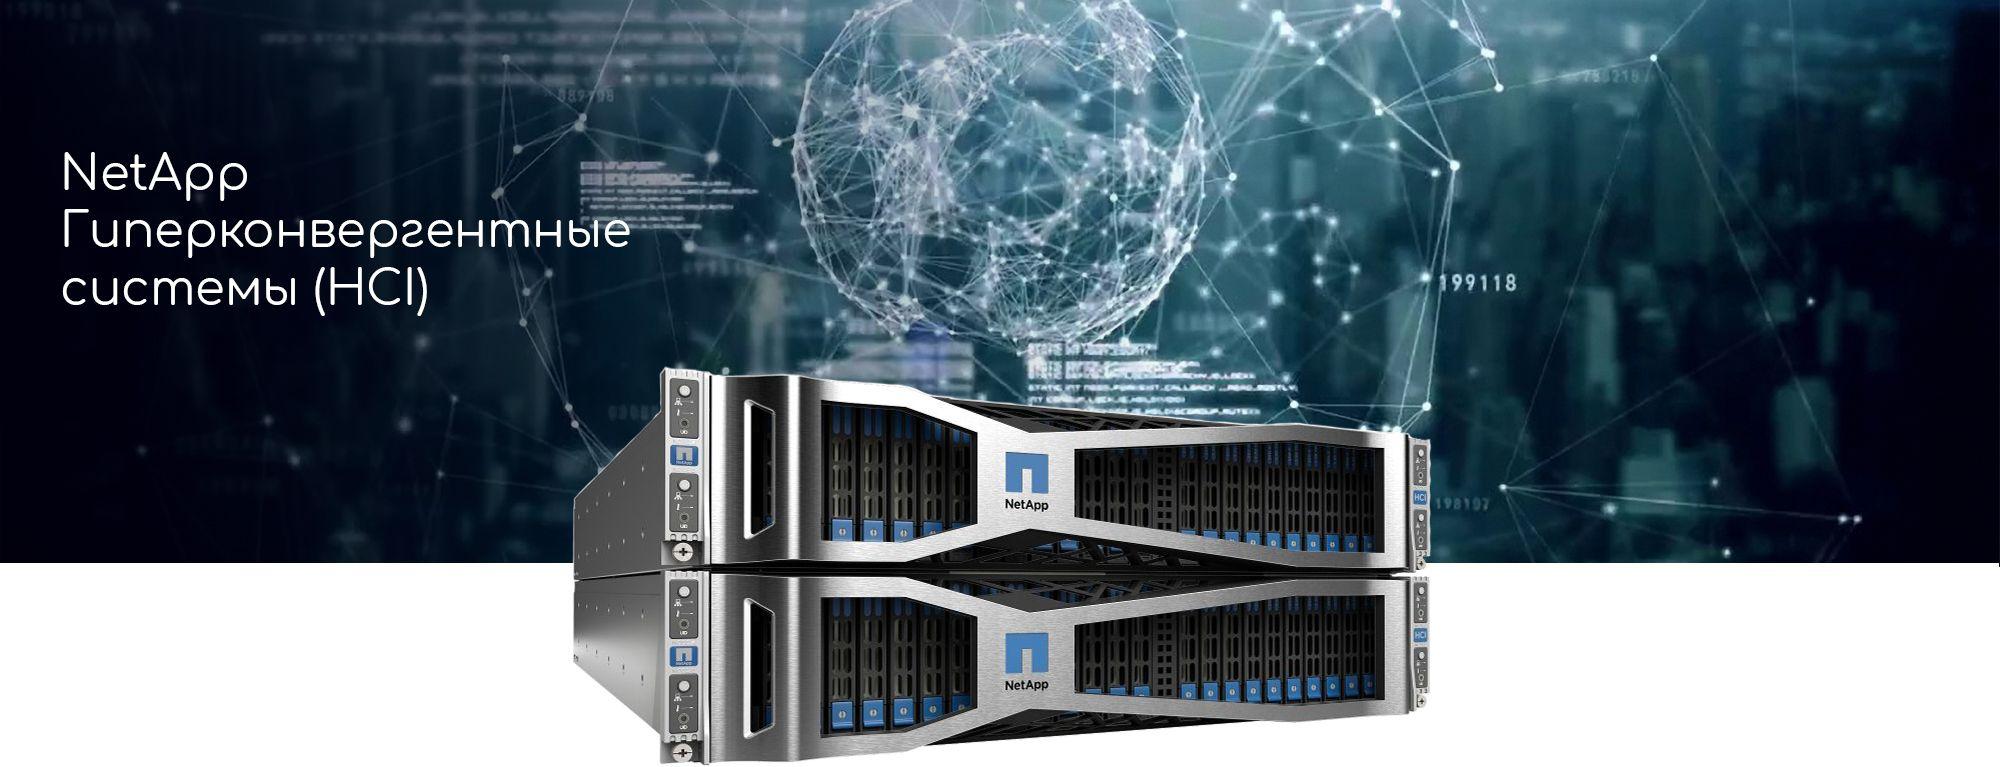 netapp-hci-Гиперконвергентные системы